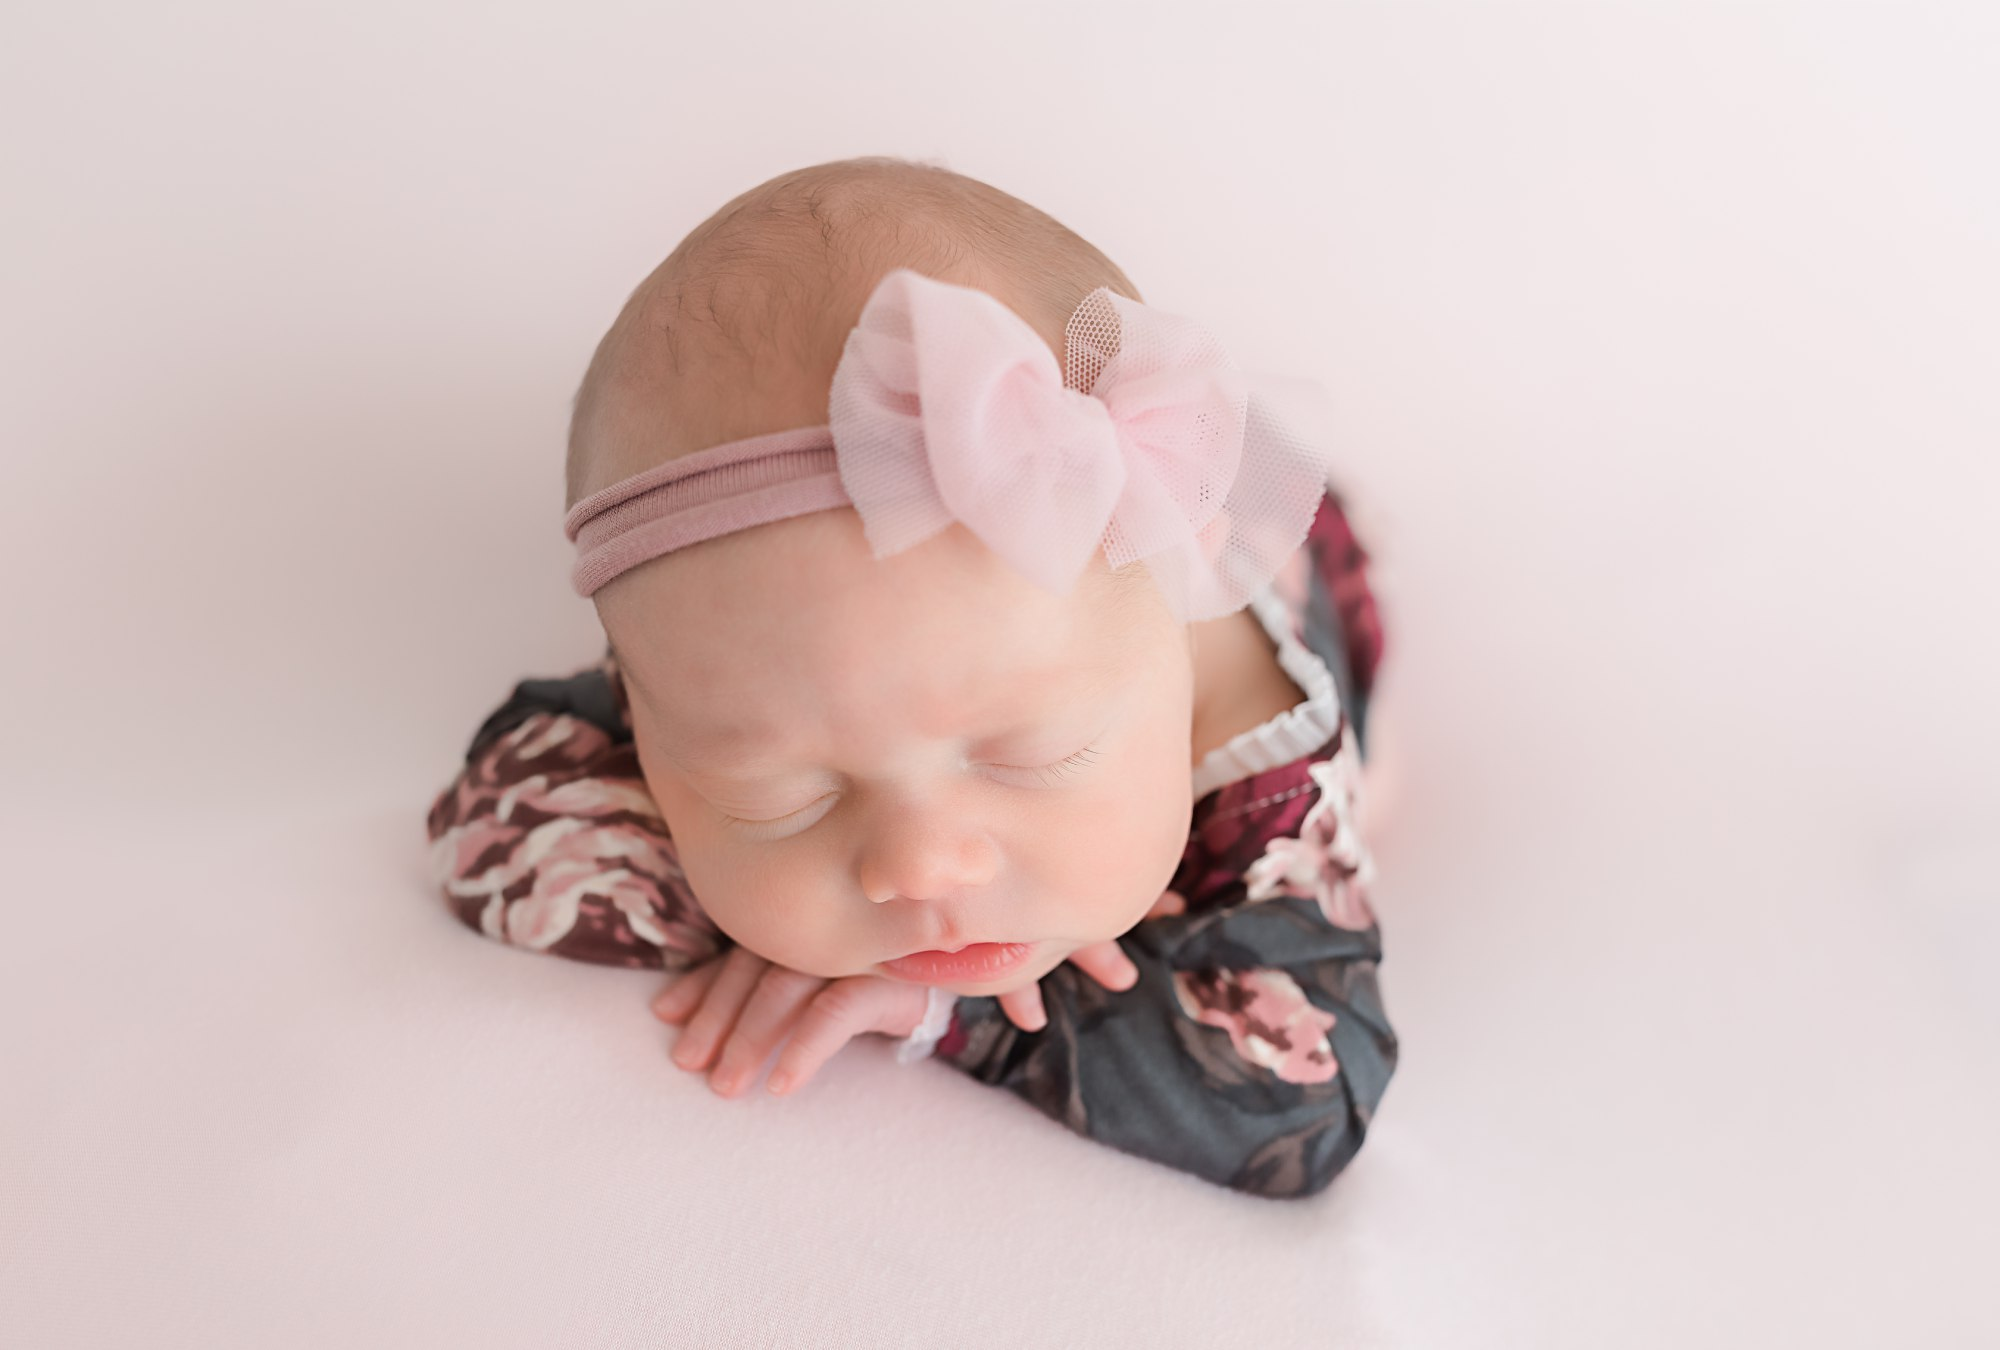 Breinigsville Newborn Photographer